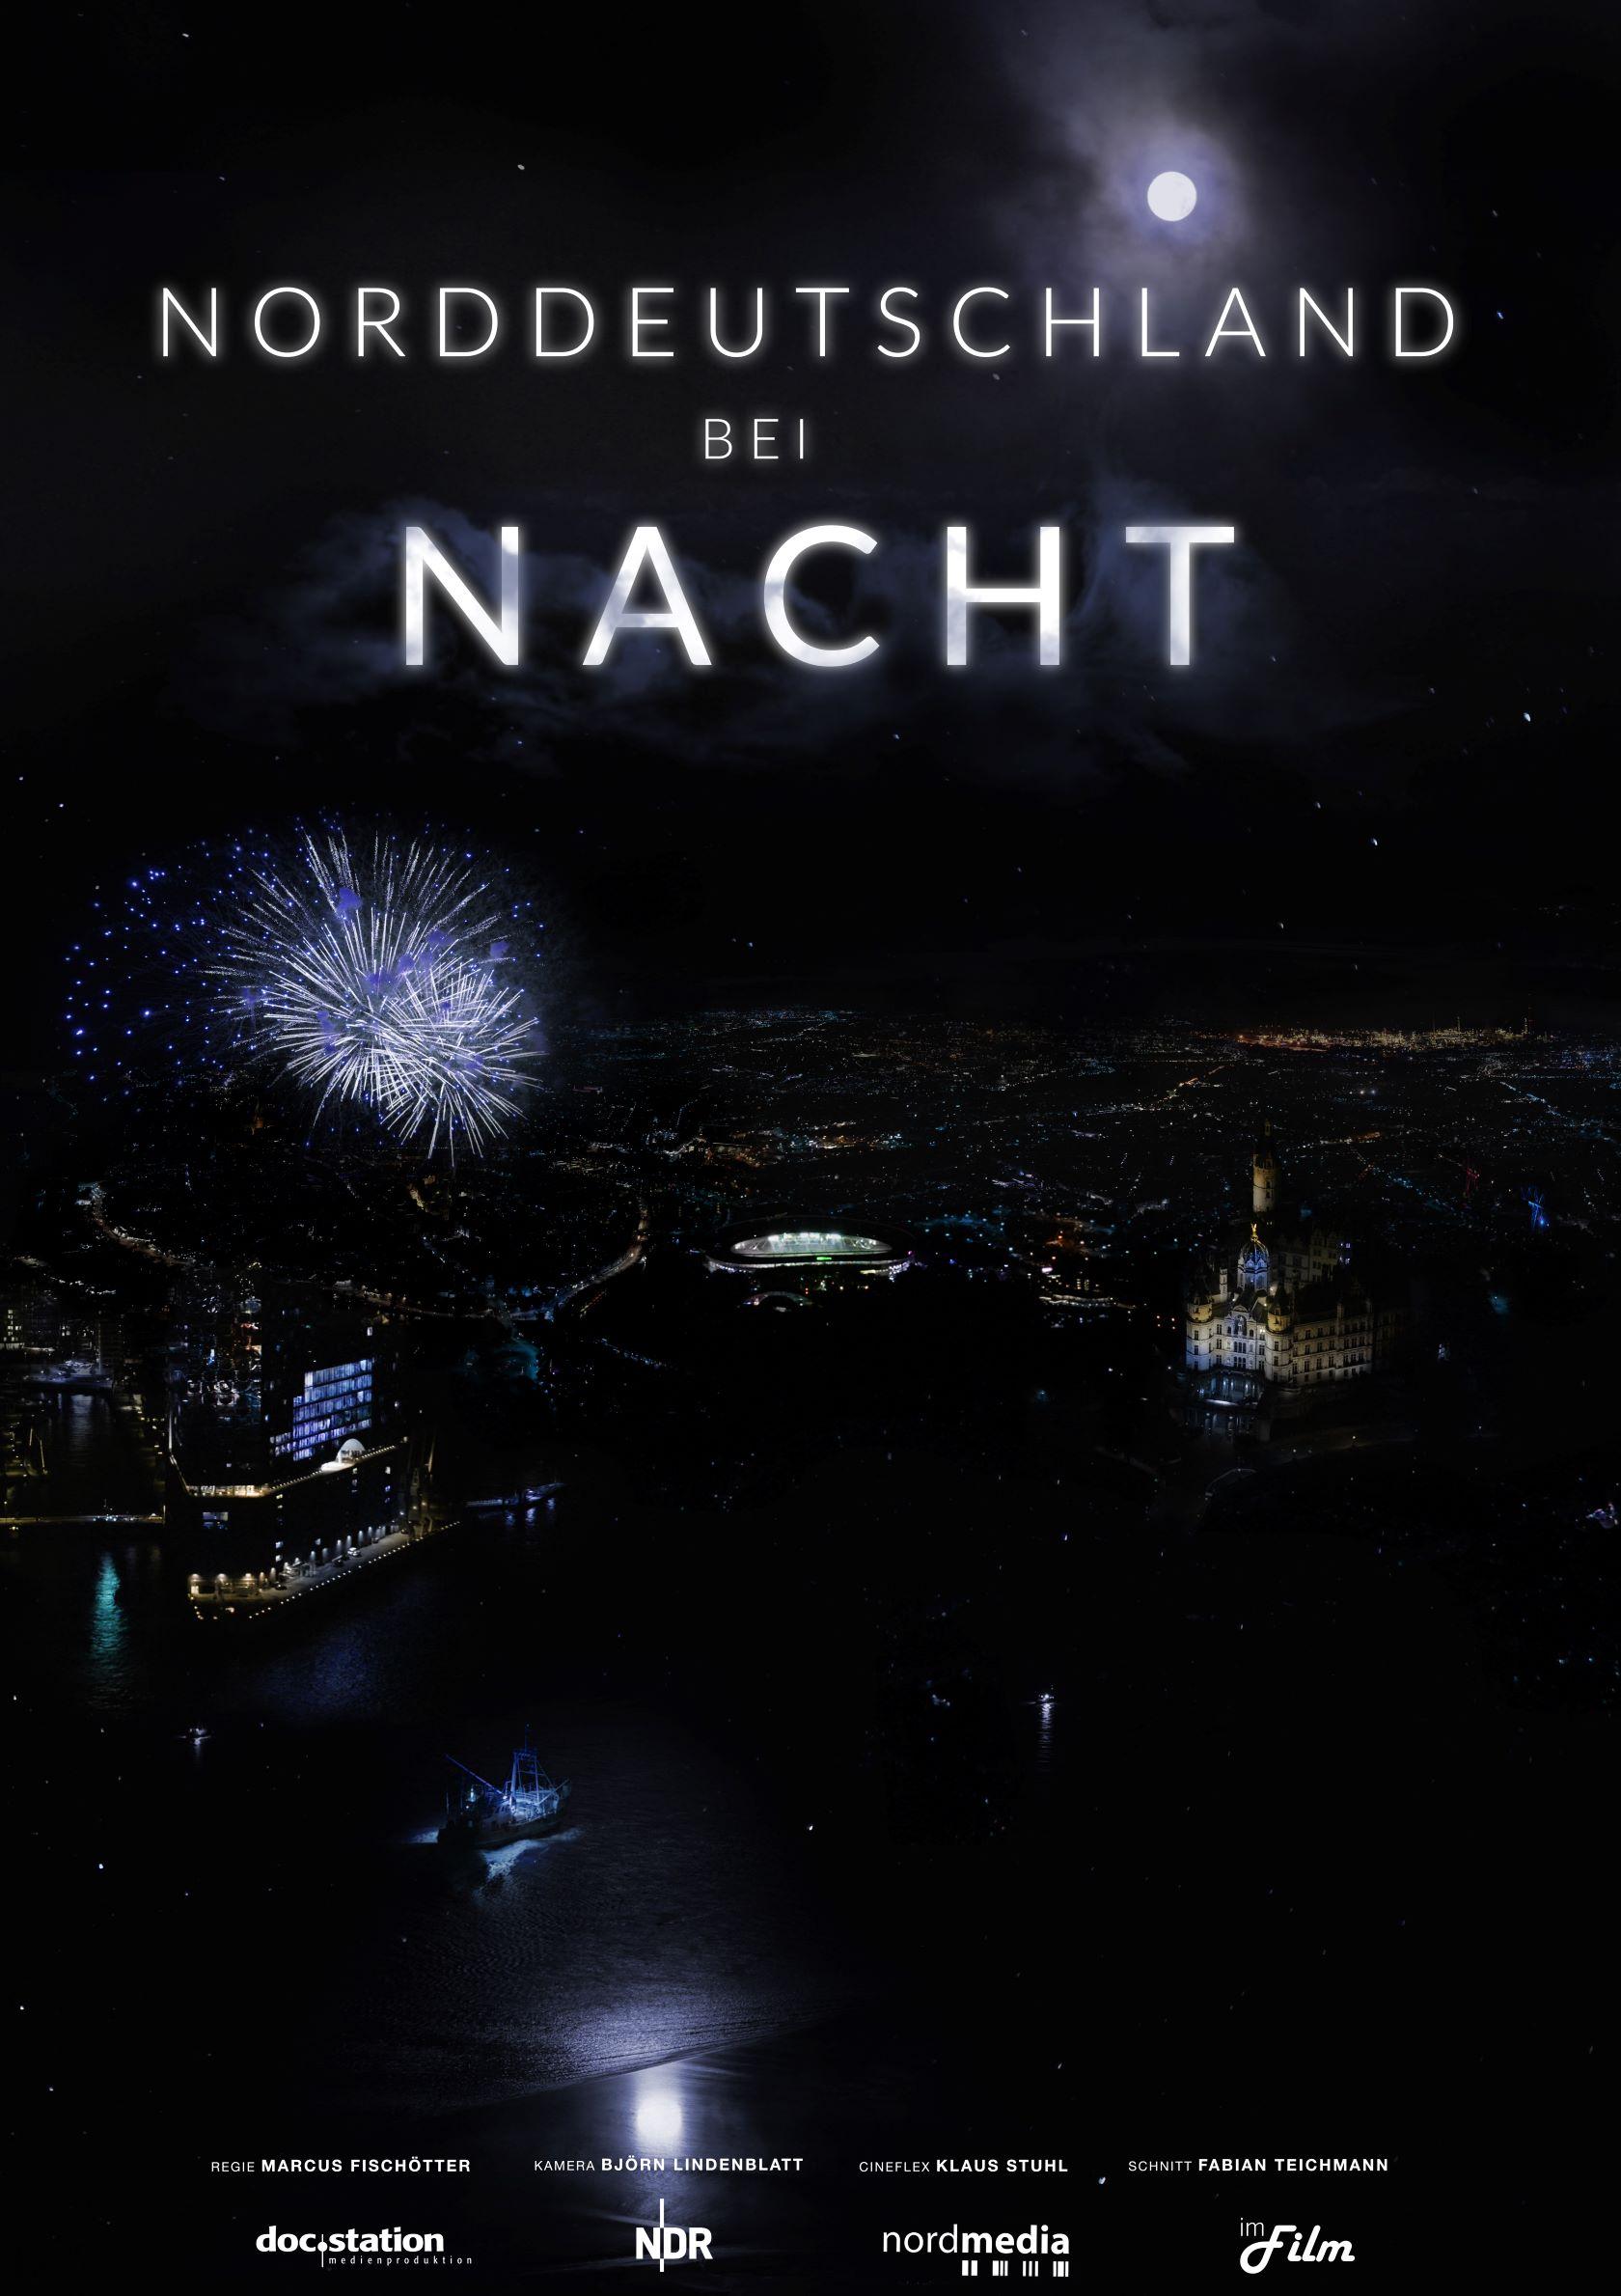 Plakat_NORDDEUTSCHLAND_BEI_NACHT